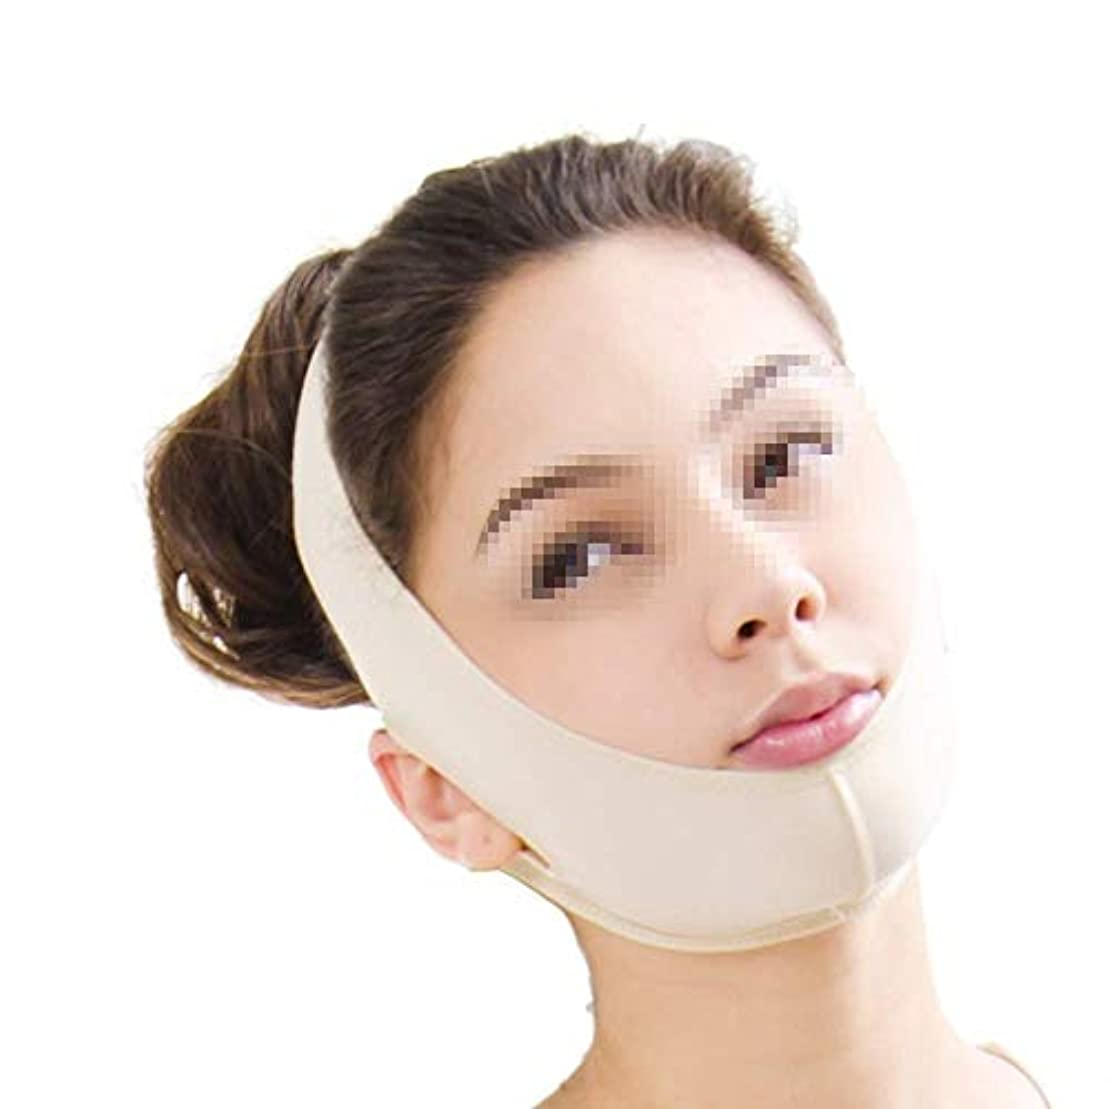 宝うなずく不当フェイスリフトマスク、圧縮後の顎顔面ダブルチン化粧品脂肪吸引小顔包帯弾性ヘッドギア(サイズ:Xl)